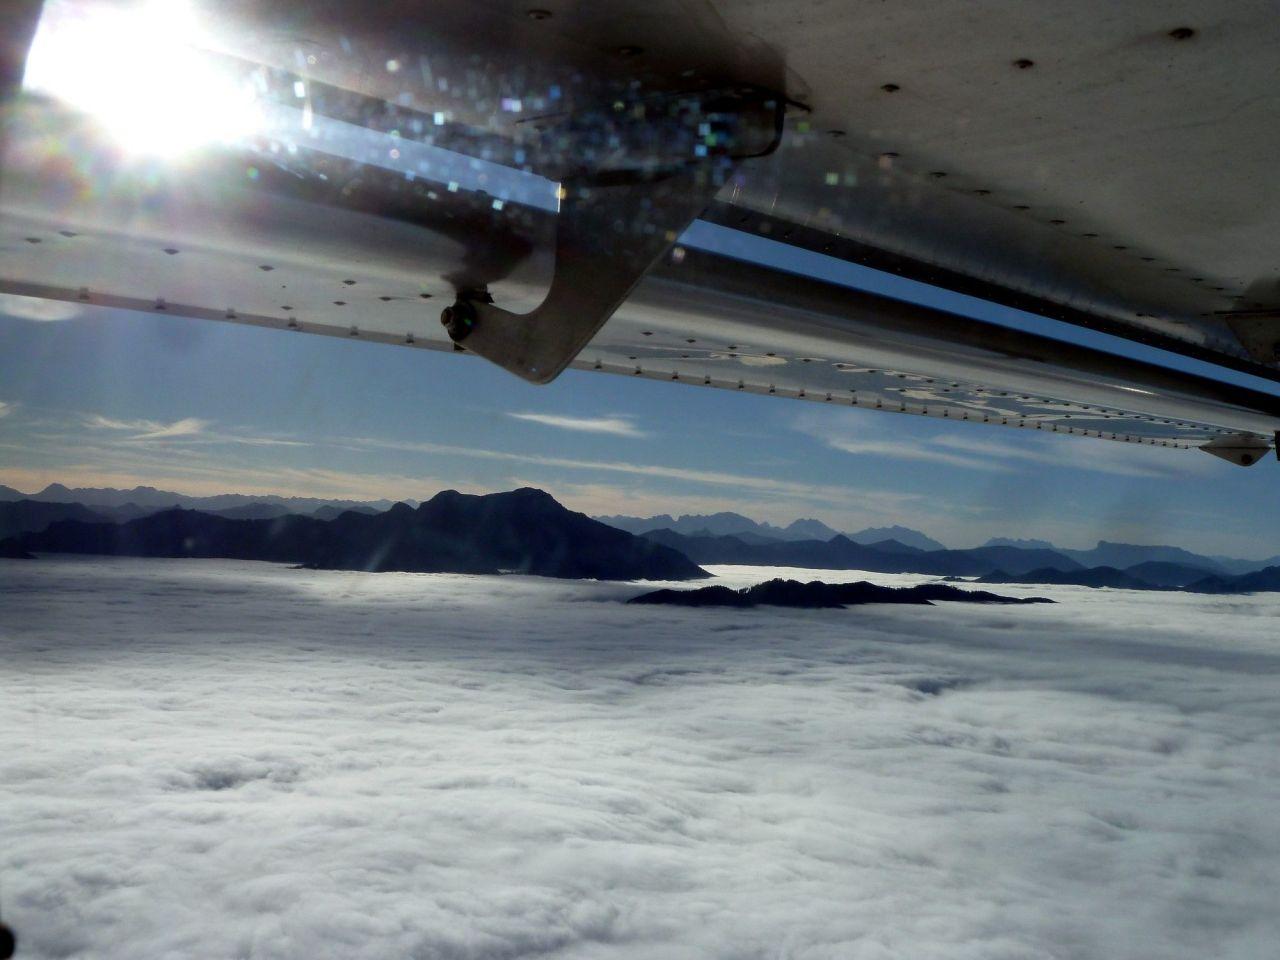 Alpenflug_Rückflug_nach_EDMW